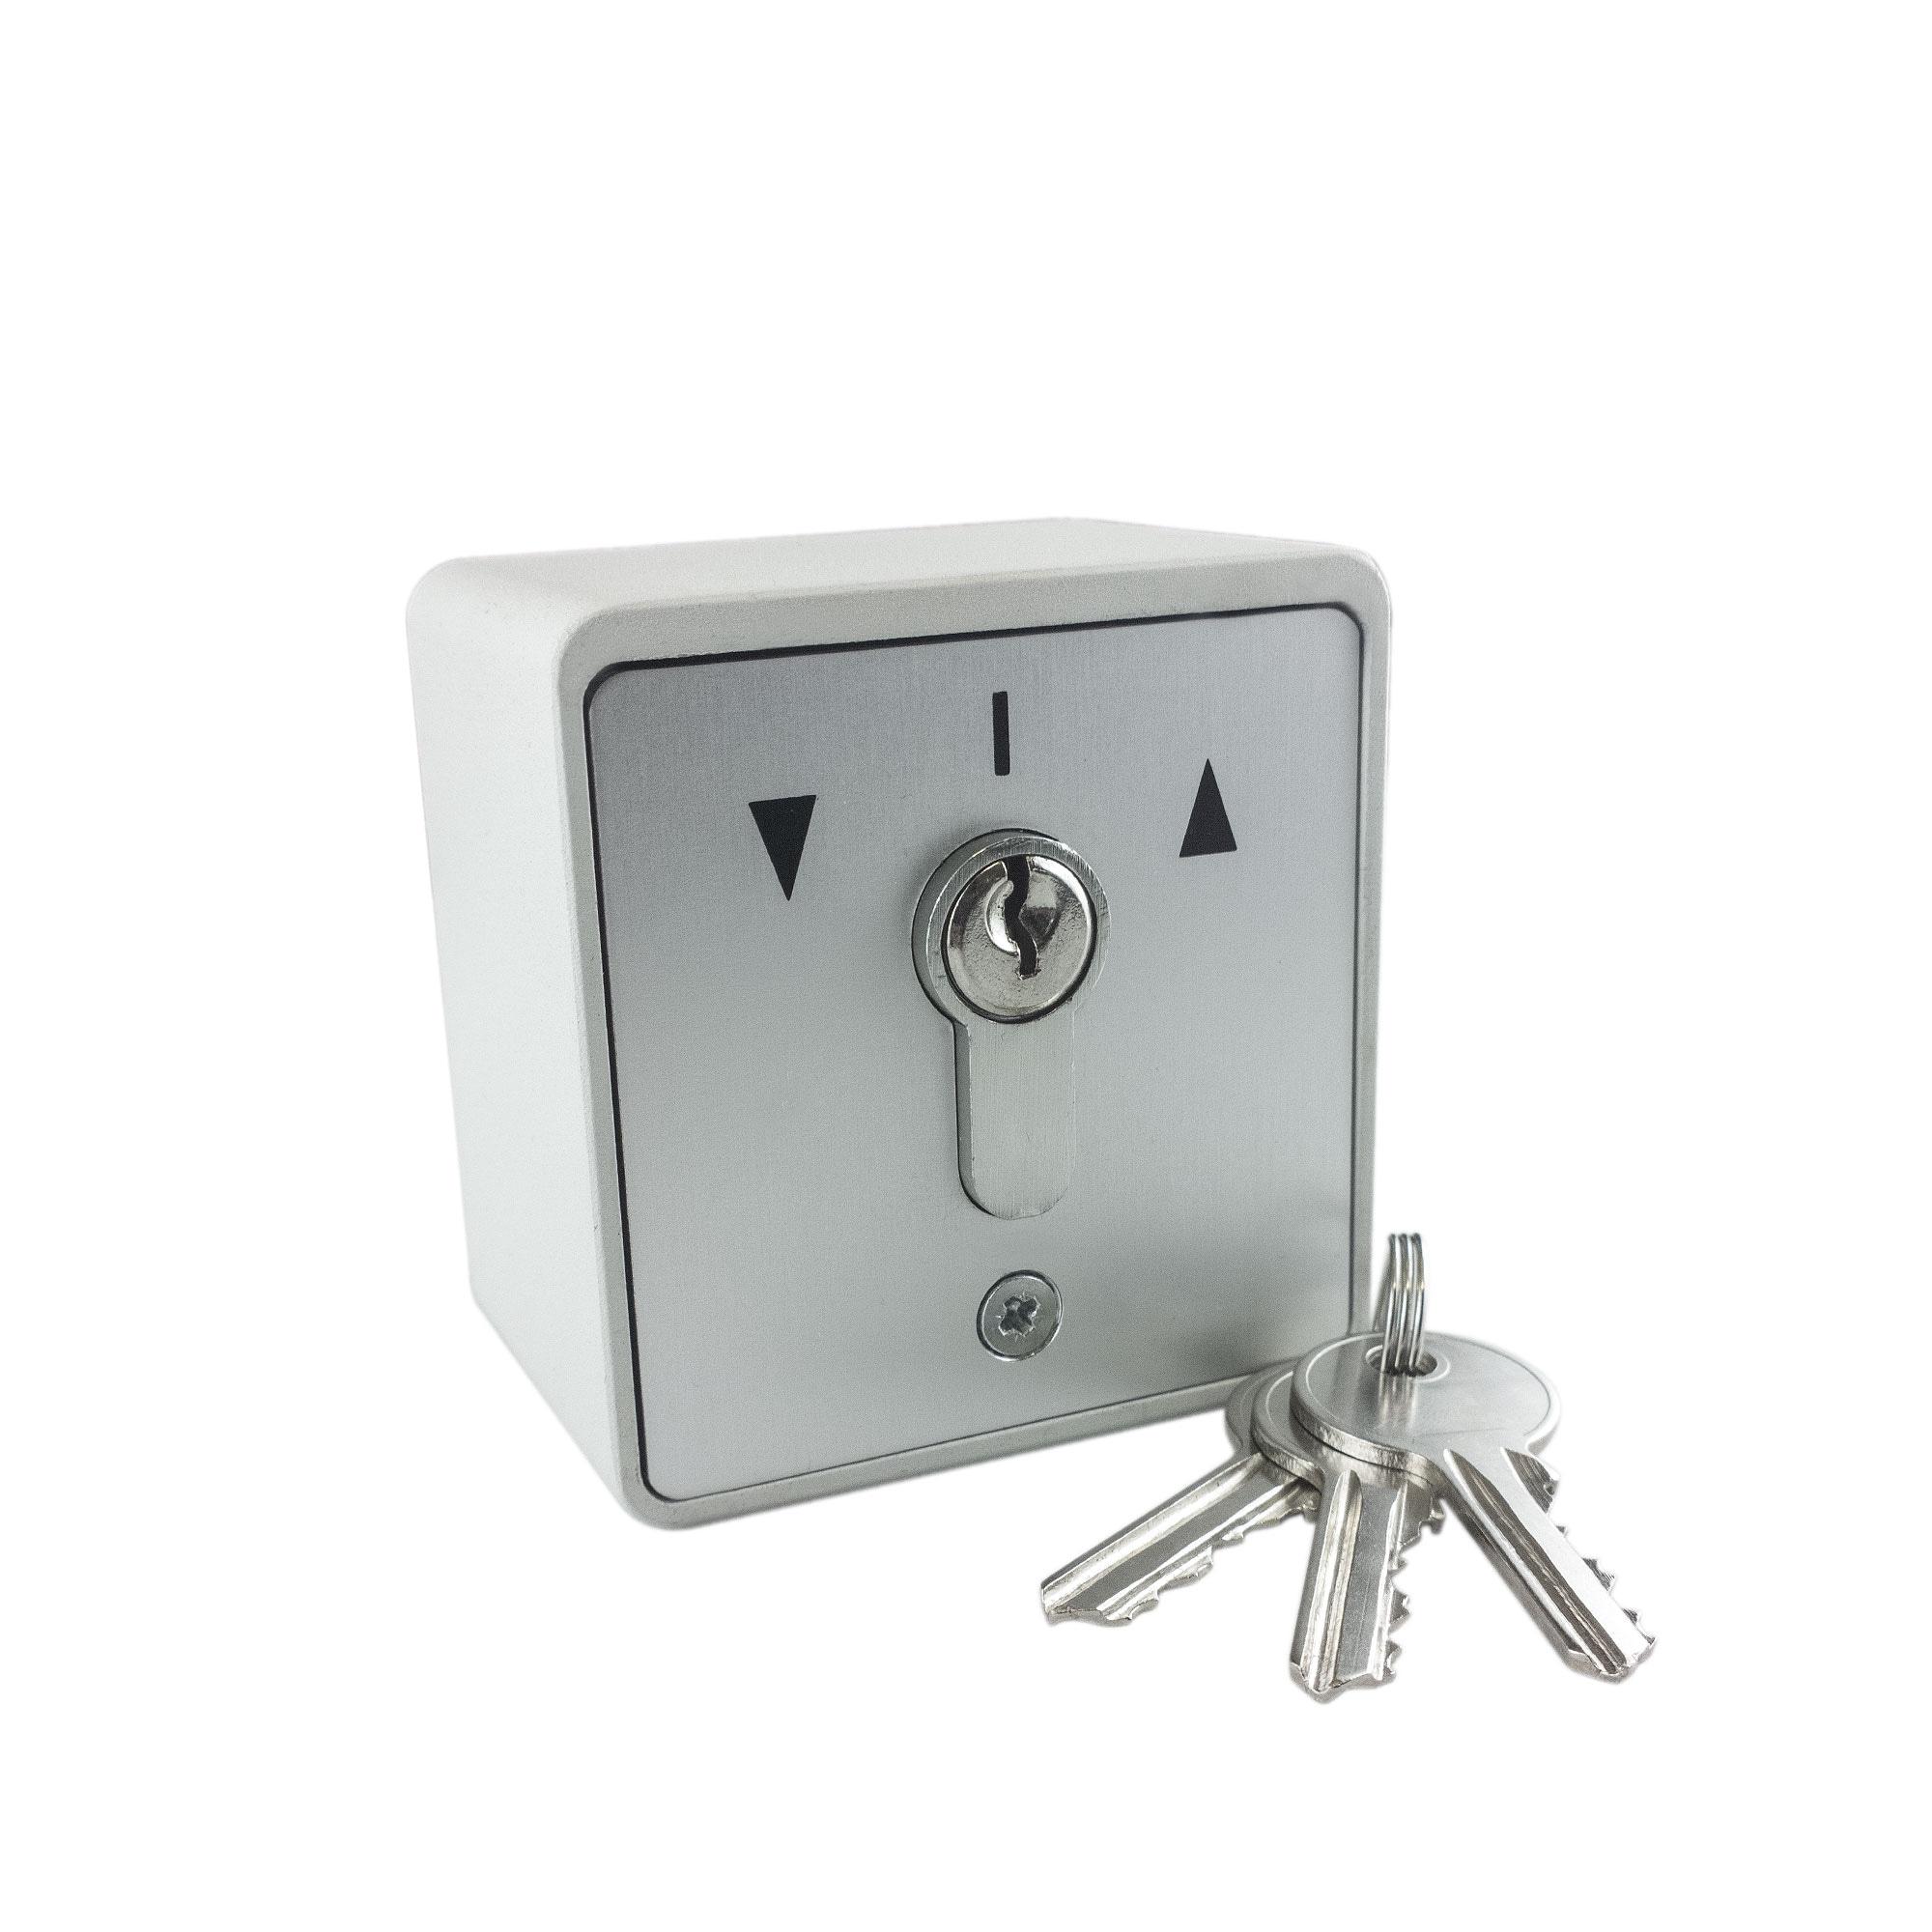 Bekannt GEBA Schlüsselschalter / Schlüsseltaster AP inkl. 3 Schlüssel RB03